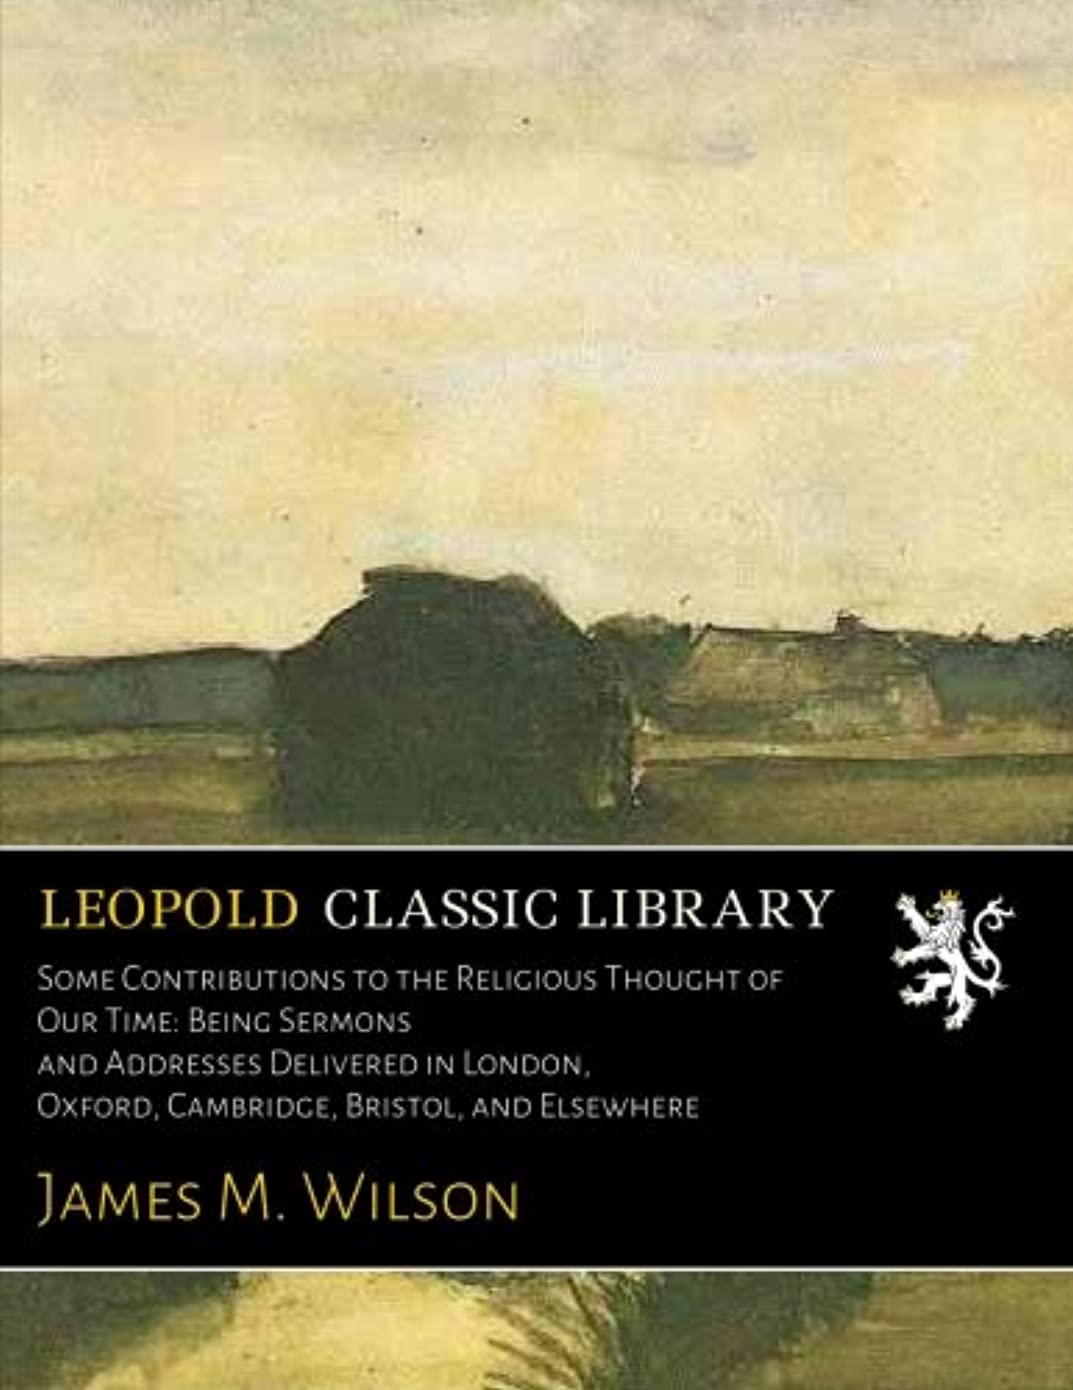 定数用心なめらかSome Contributions to the Religious Thought of Our Time: Being Sermons and Addresses Delivered in London, Oxford, Cambridge, Bristol, and Elsewhere